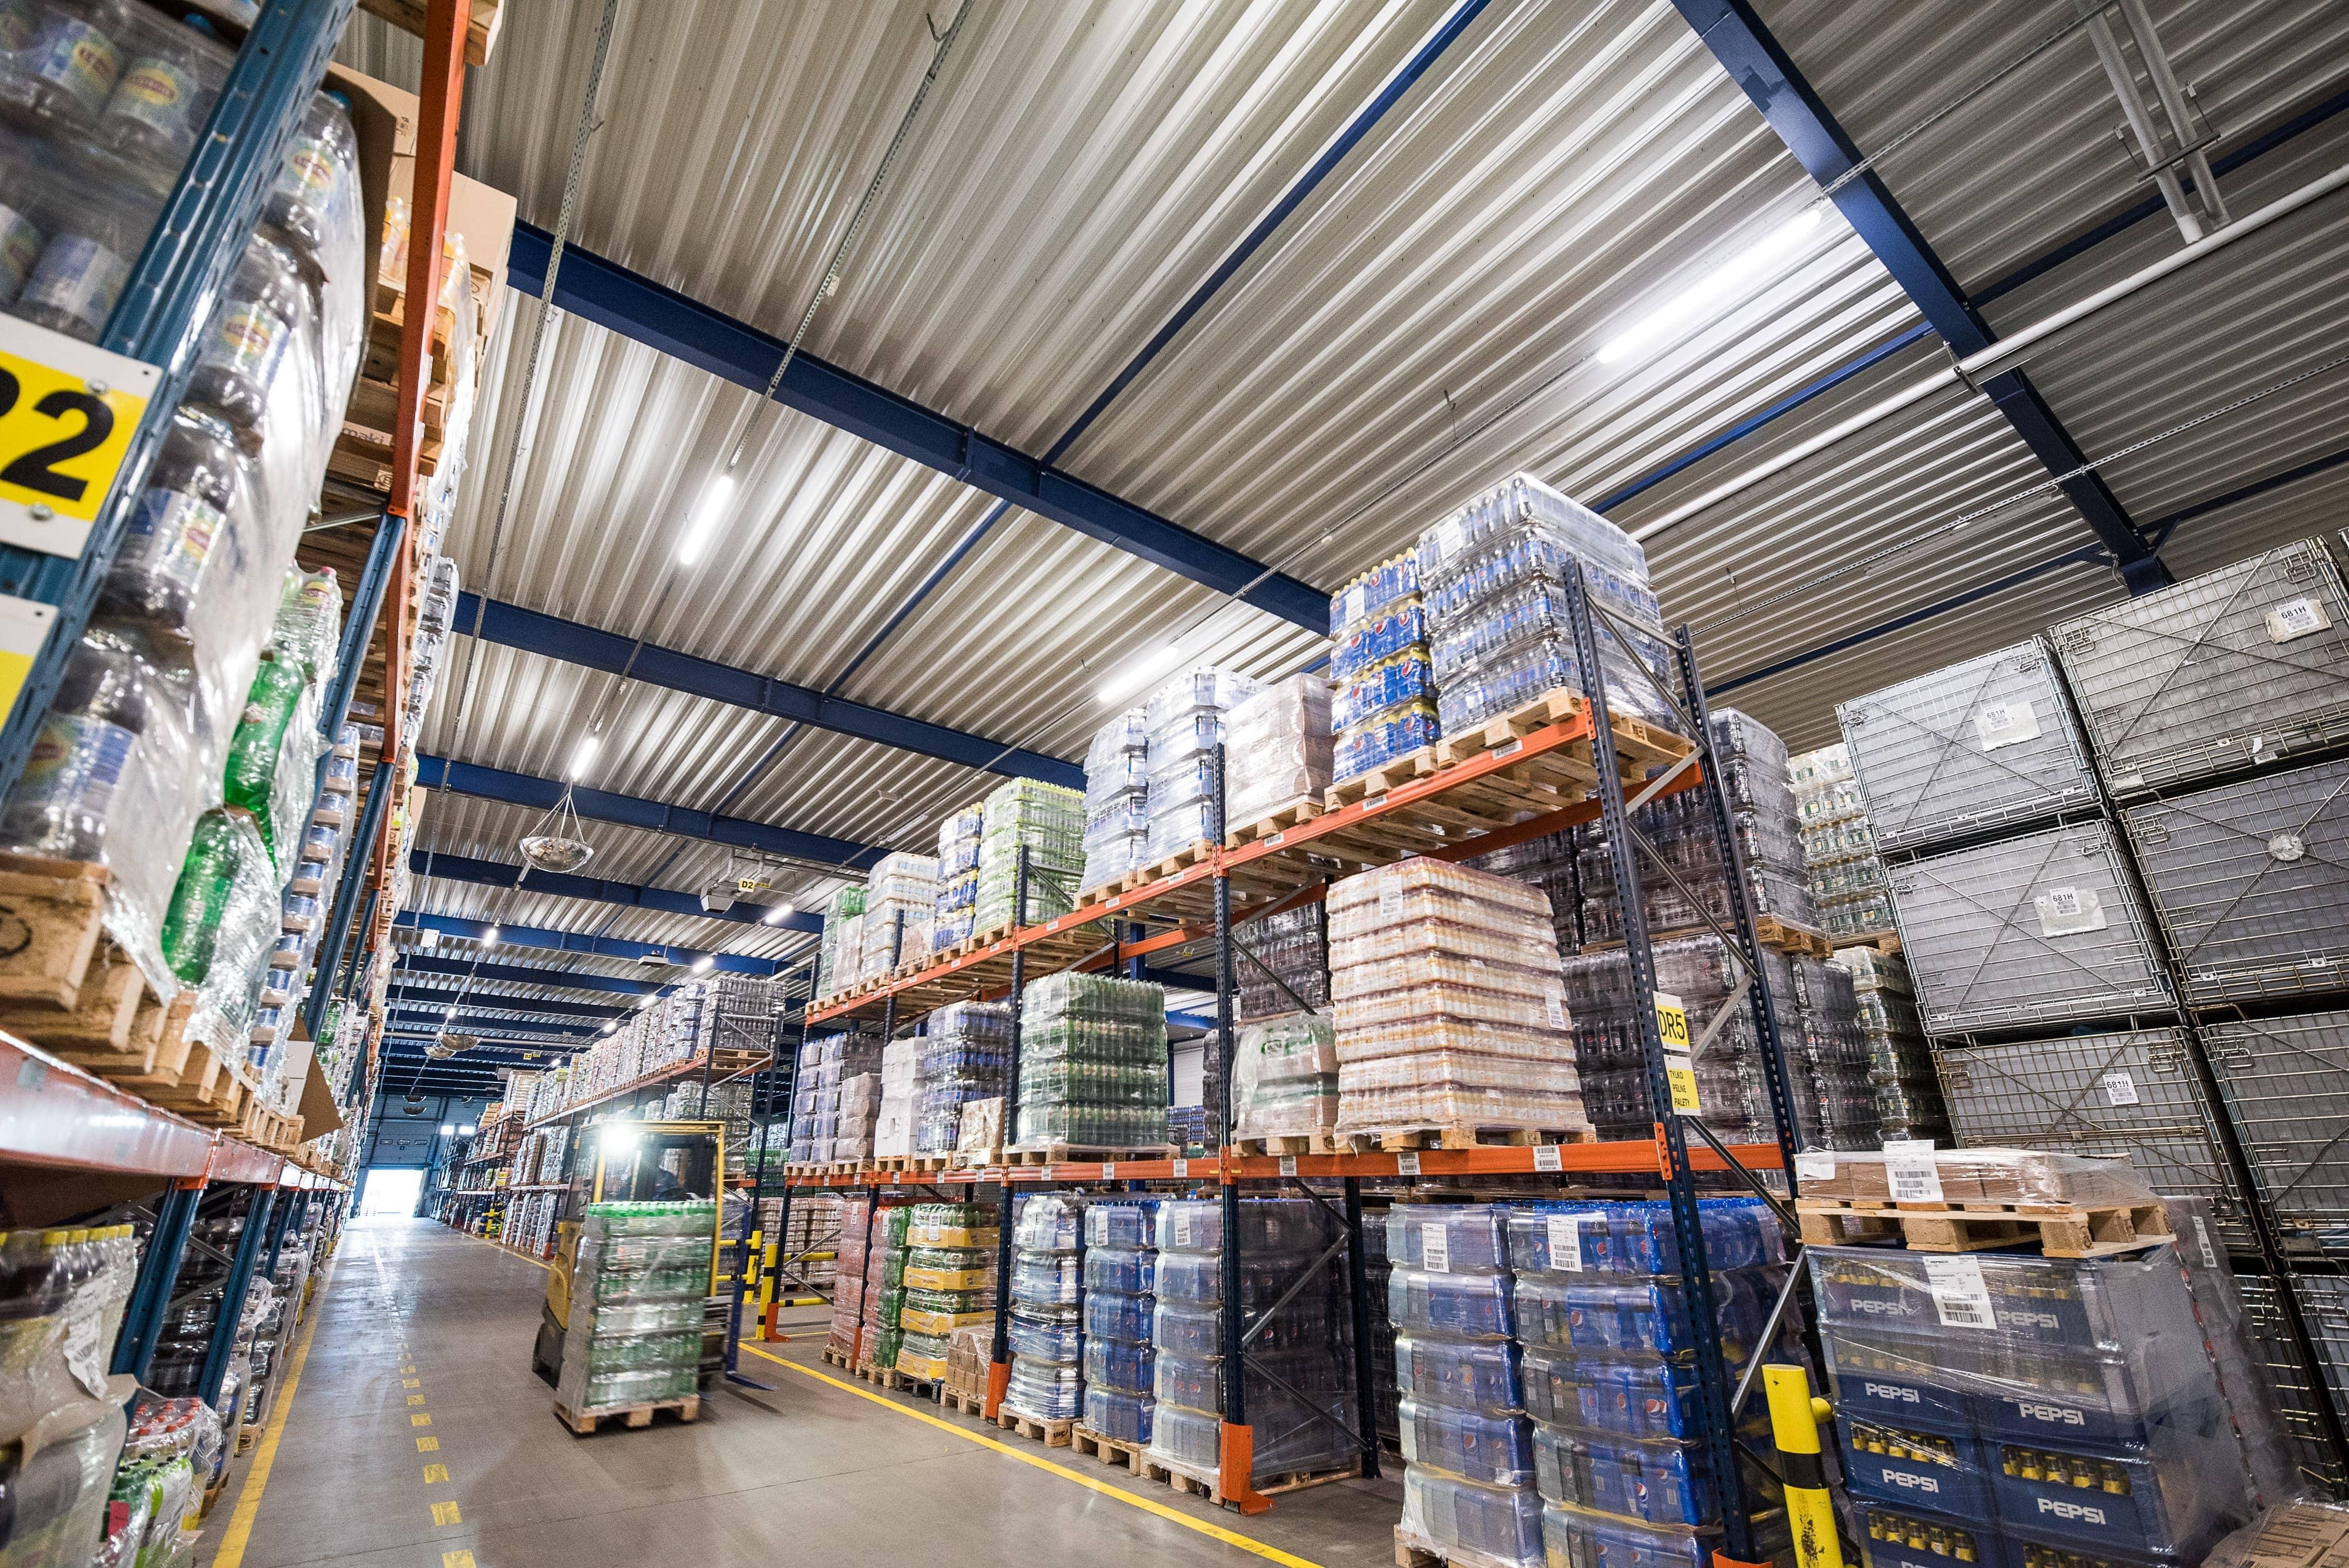 Oprawy Industrial w zakładach produkcyjnych firmy PepsiCo - Luxon LED